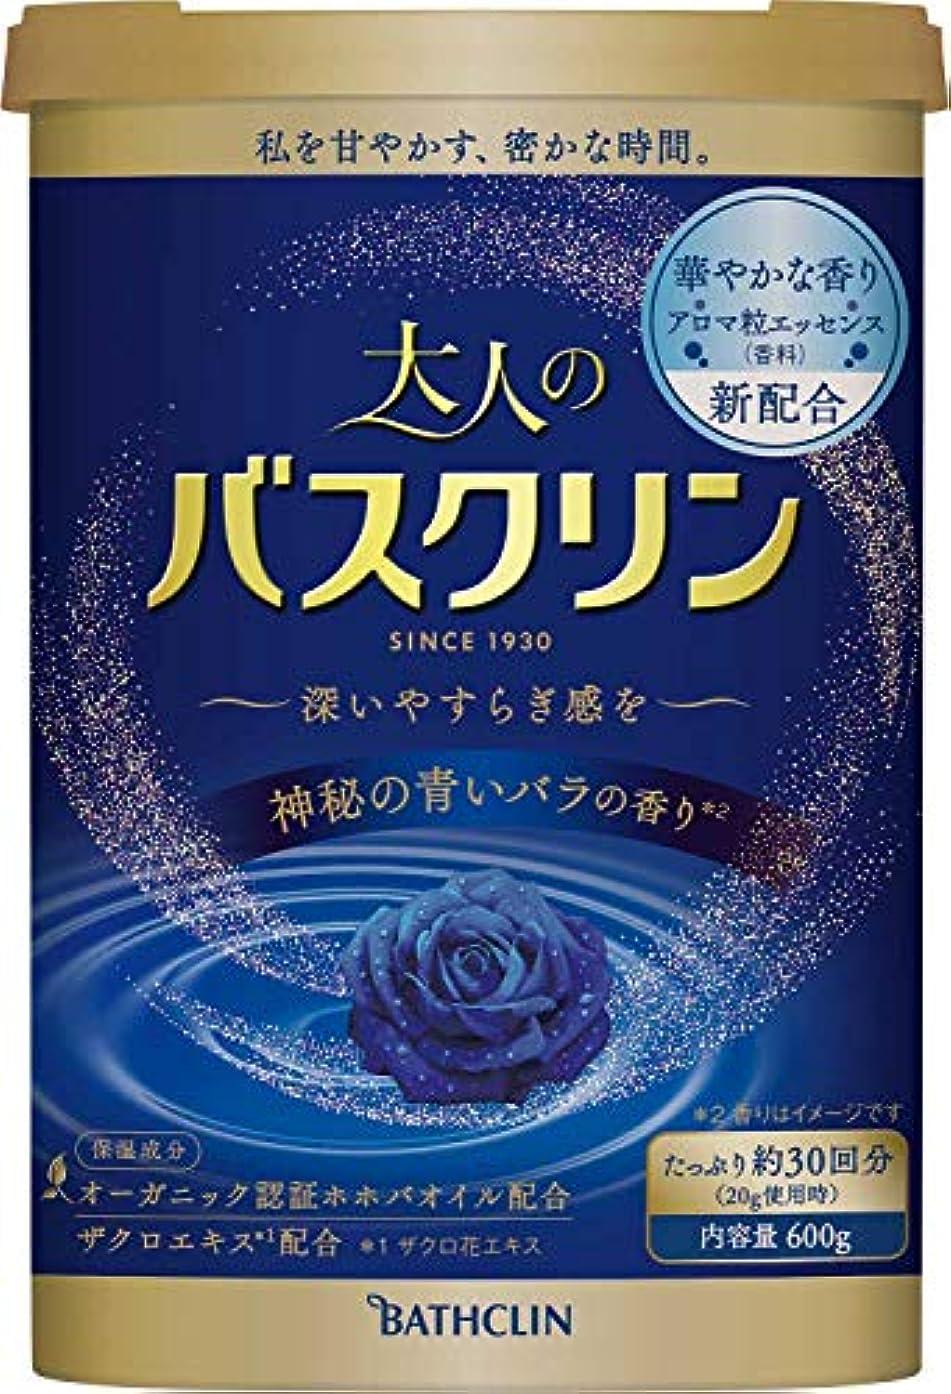 姿勢歪めるスカープ大人のバスクリン入浴剤 神秘の青いバラの香り600g(約30回分)